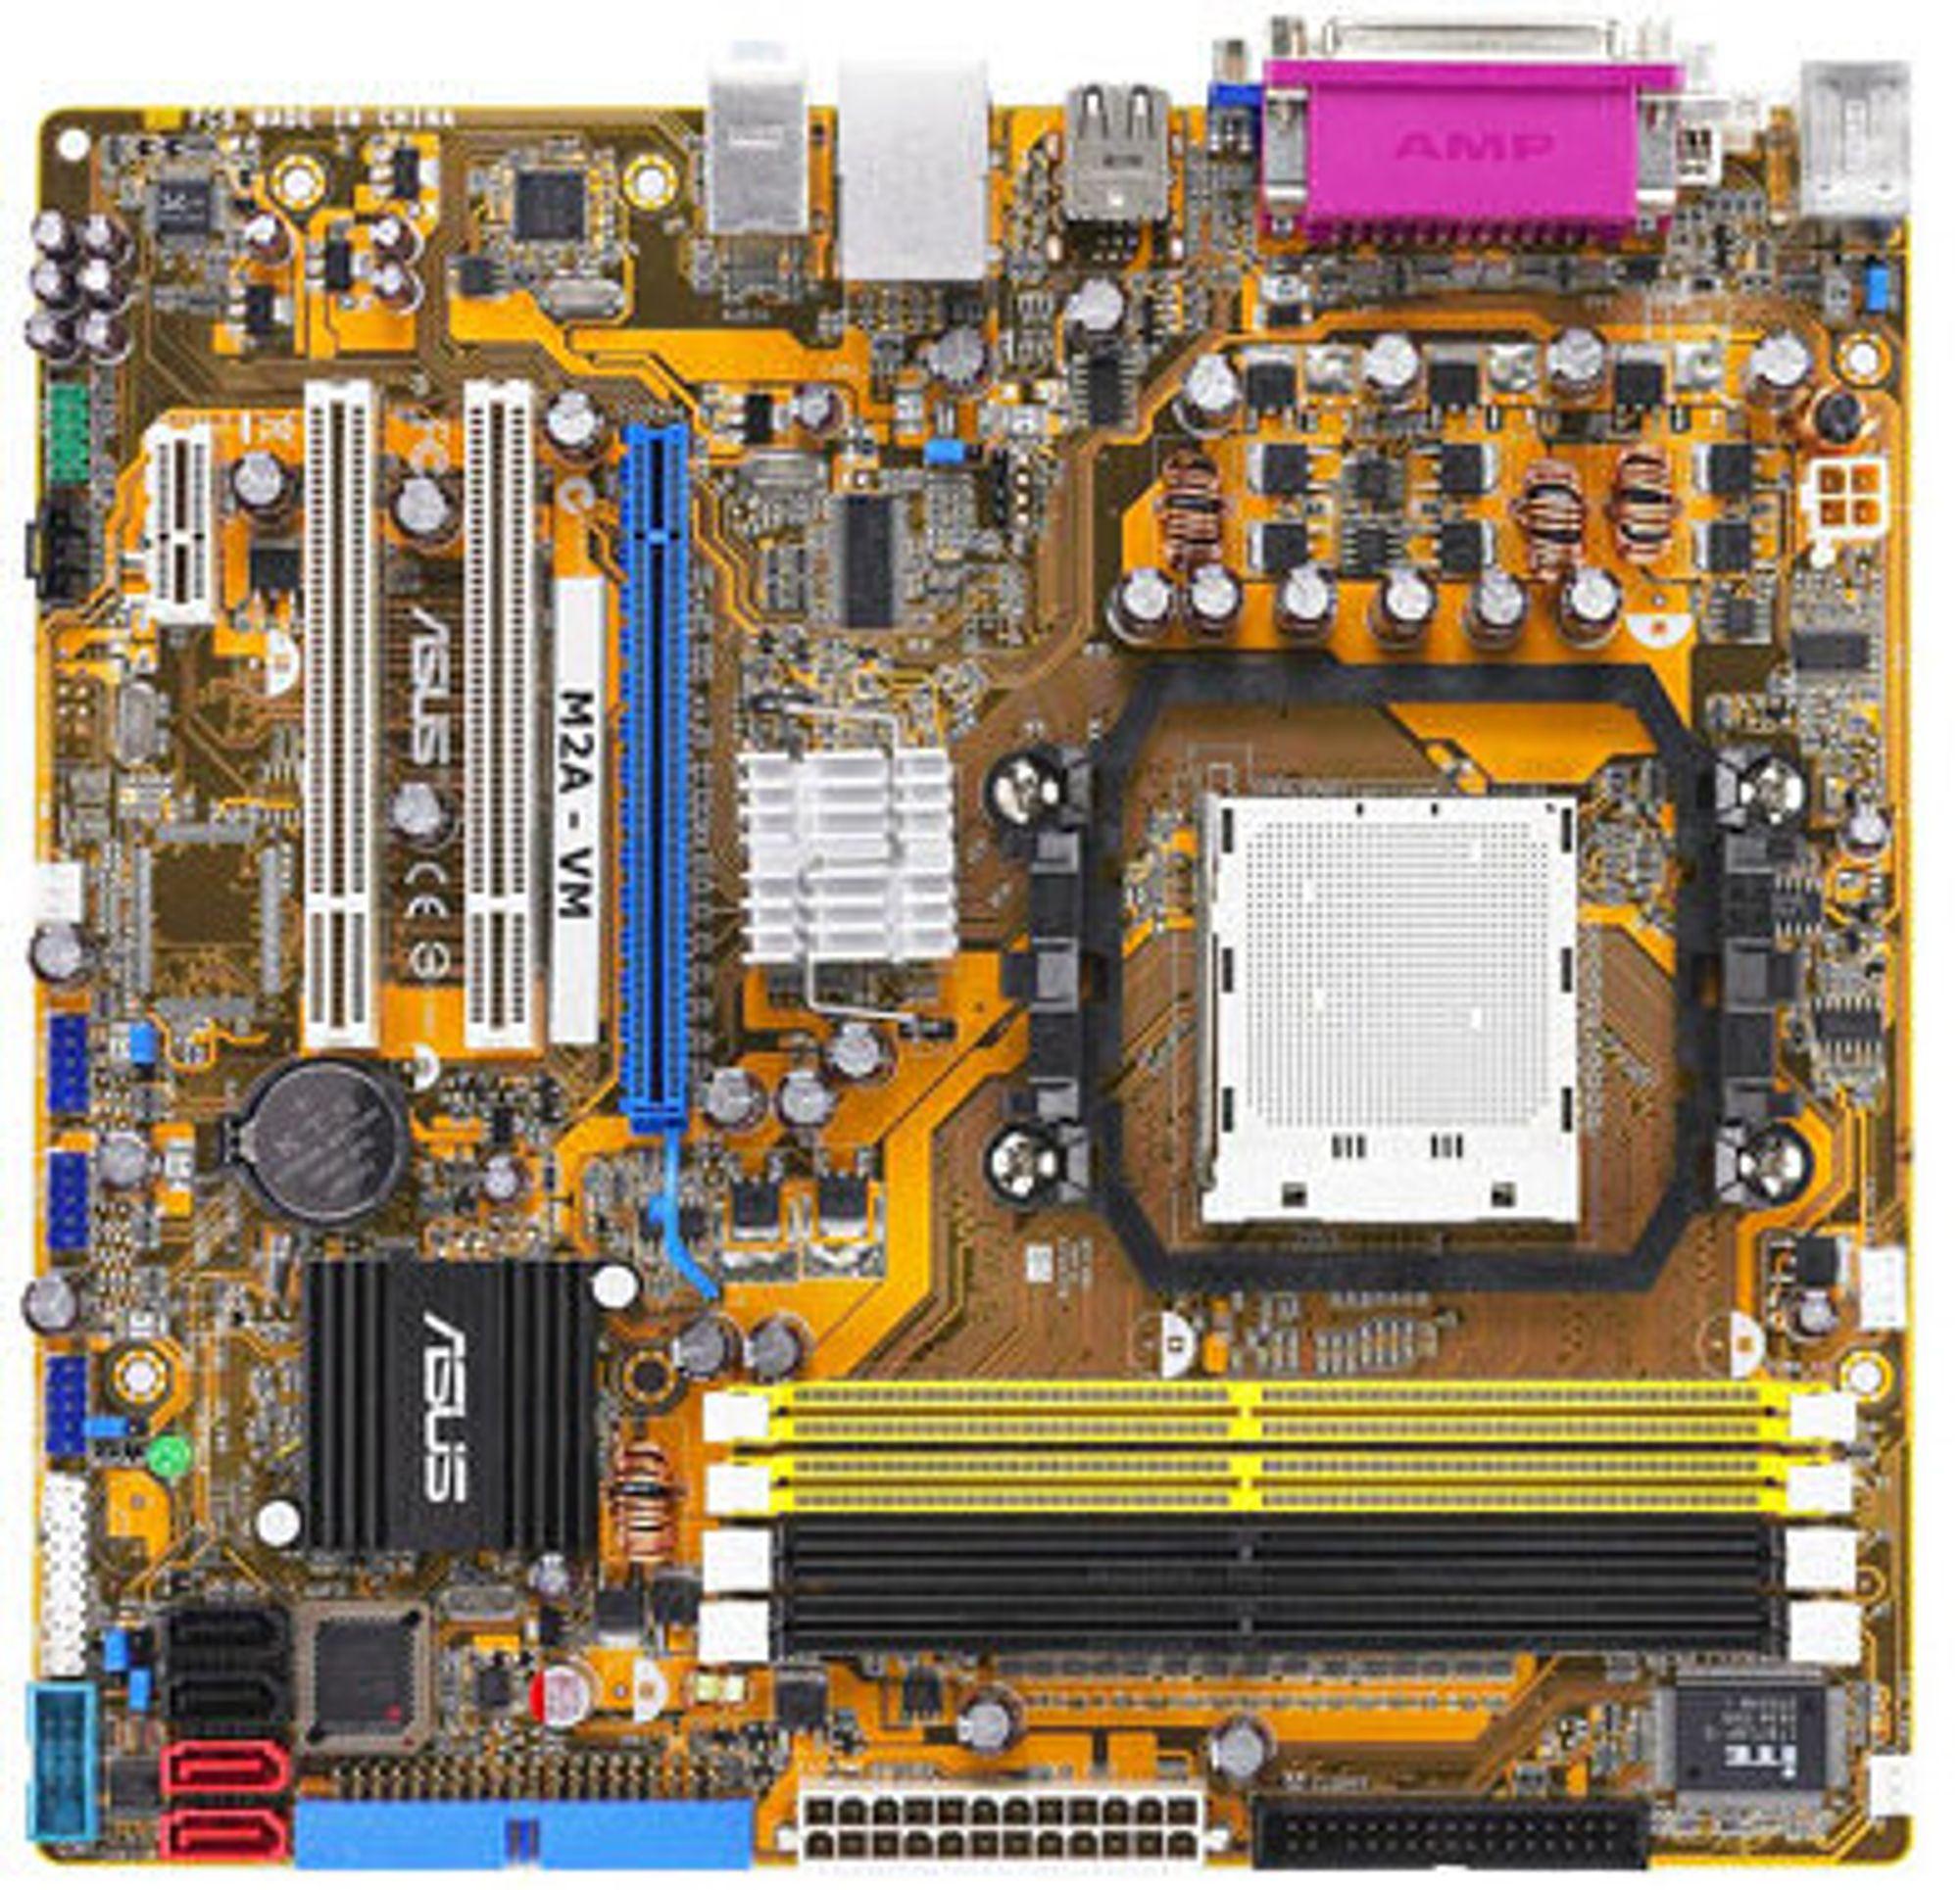 AMD690-hovedkort fra Asus